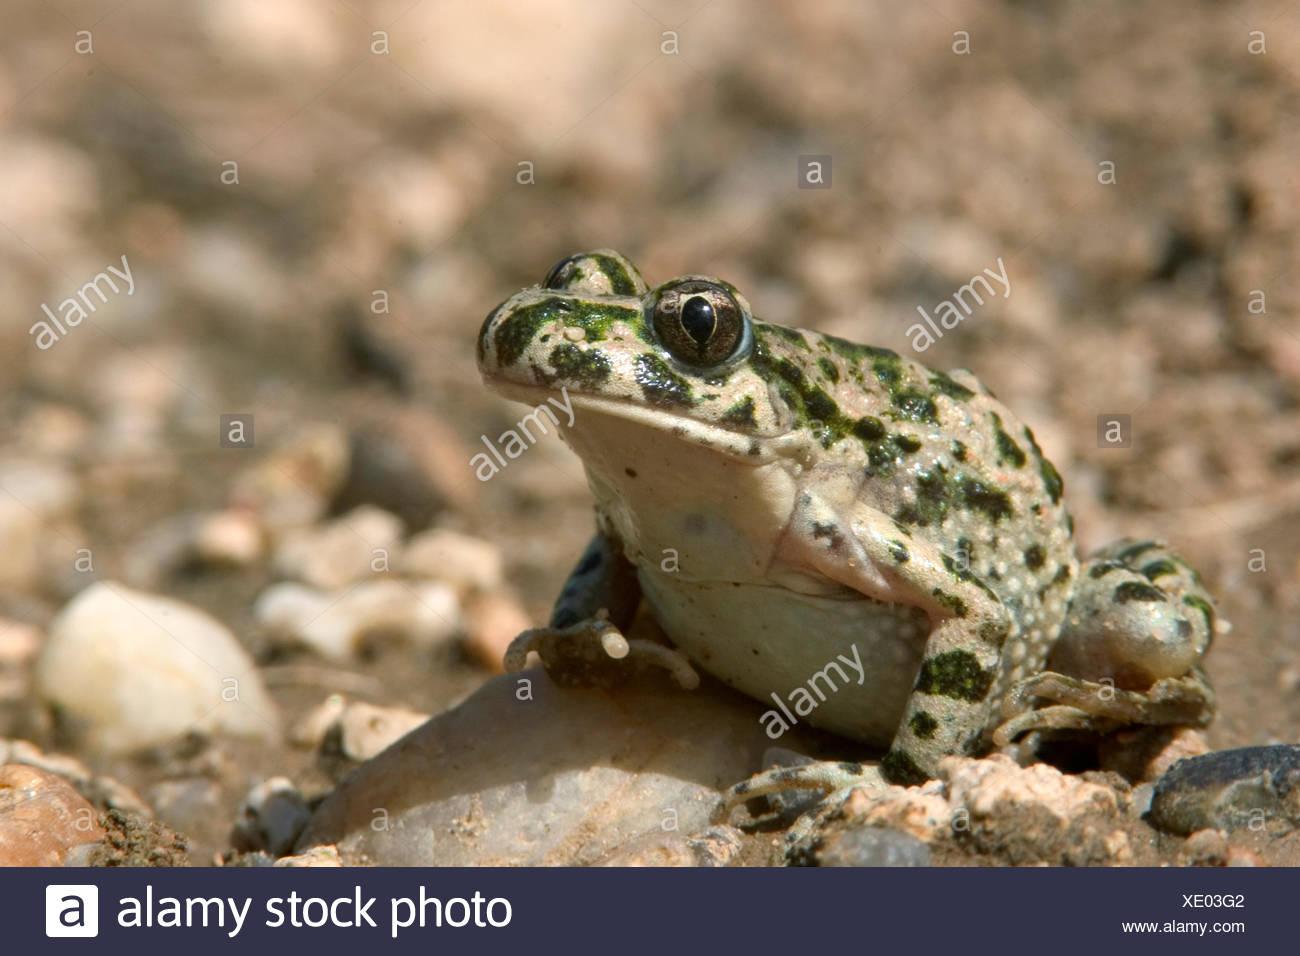 Imagen de una rana de perejil en grava Imagen De Stock